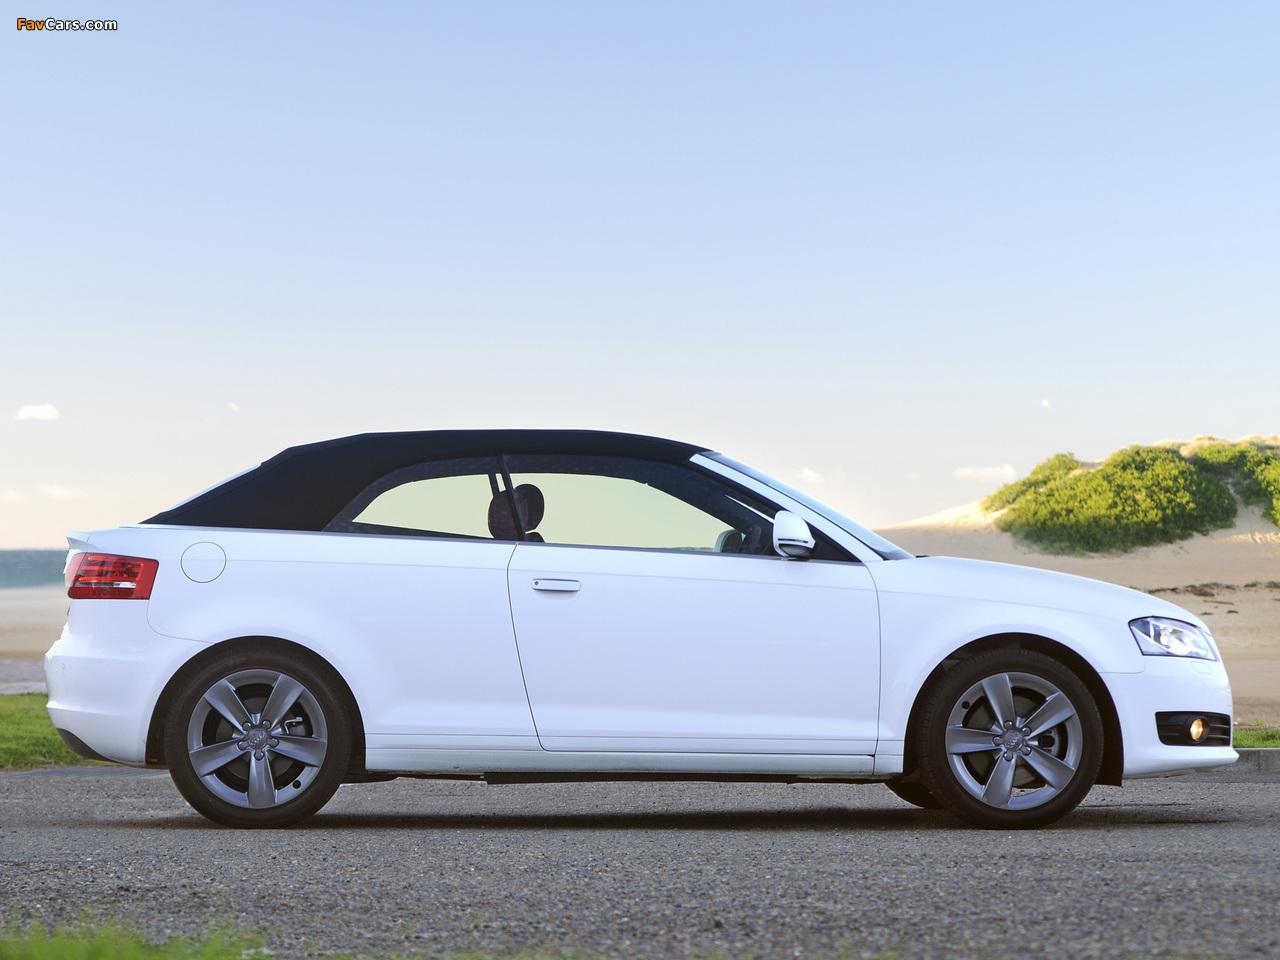 Audi 2.0 T >> Audi A3 2.0T Cabriolet AU-spec 8PA (2008) photos (1280x960)